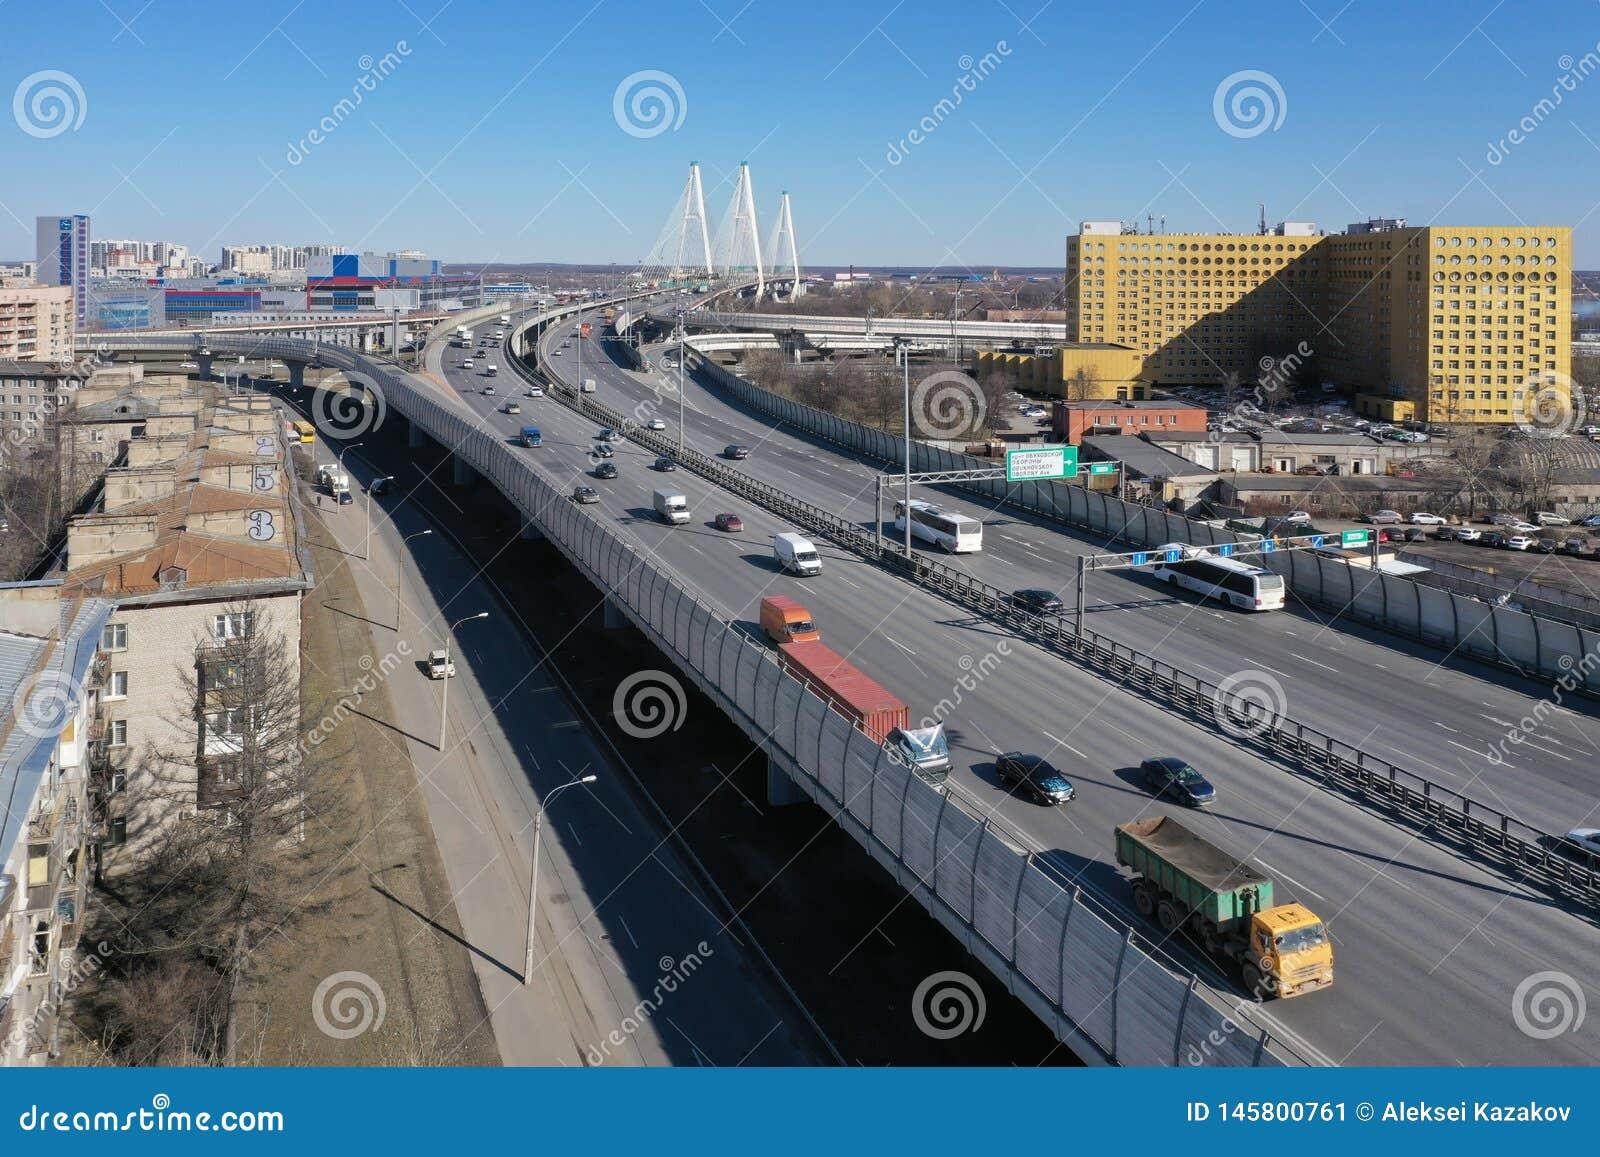 Εναέρια άποψη της περιφερειακής οδού κοντά στην καλώδιο-μένοντη γέφυρα